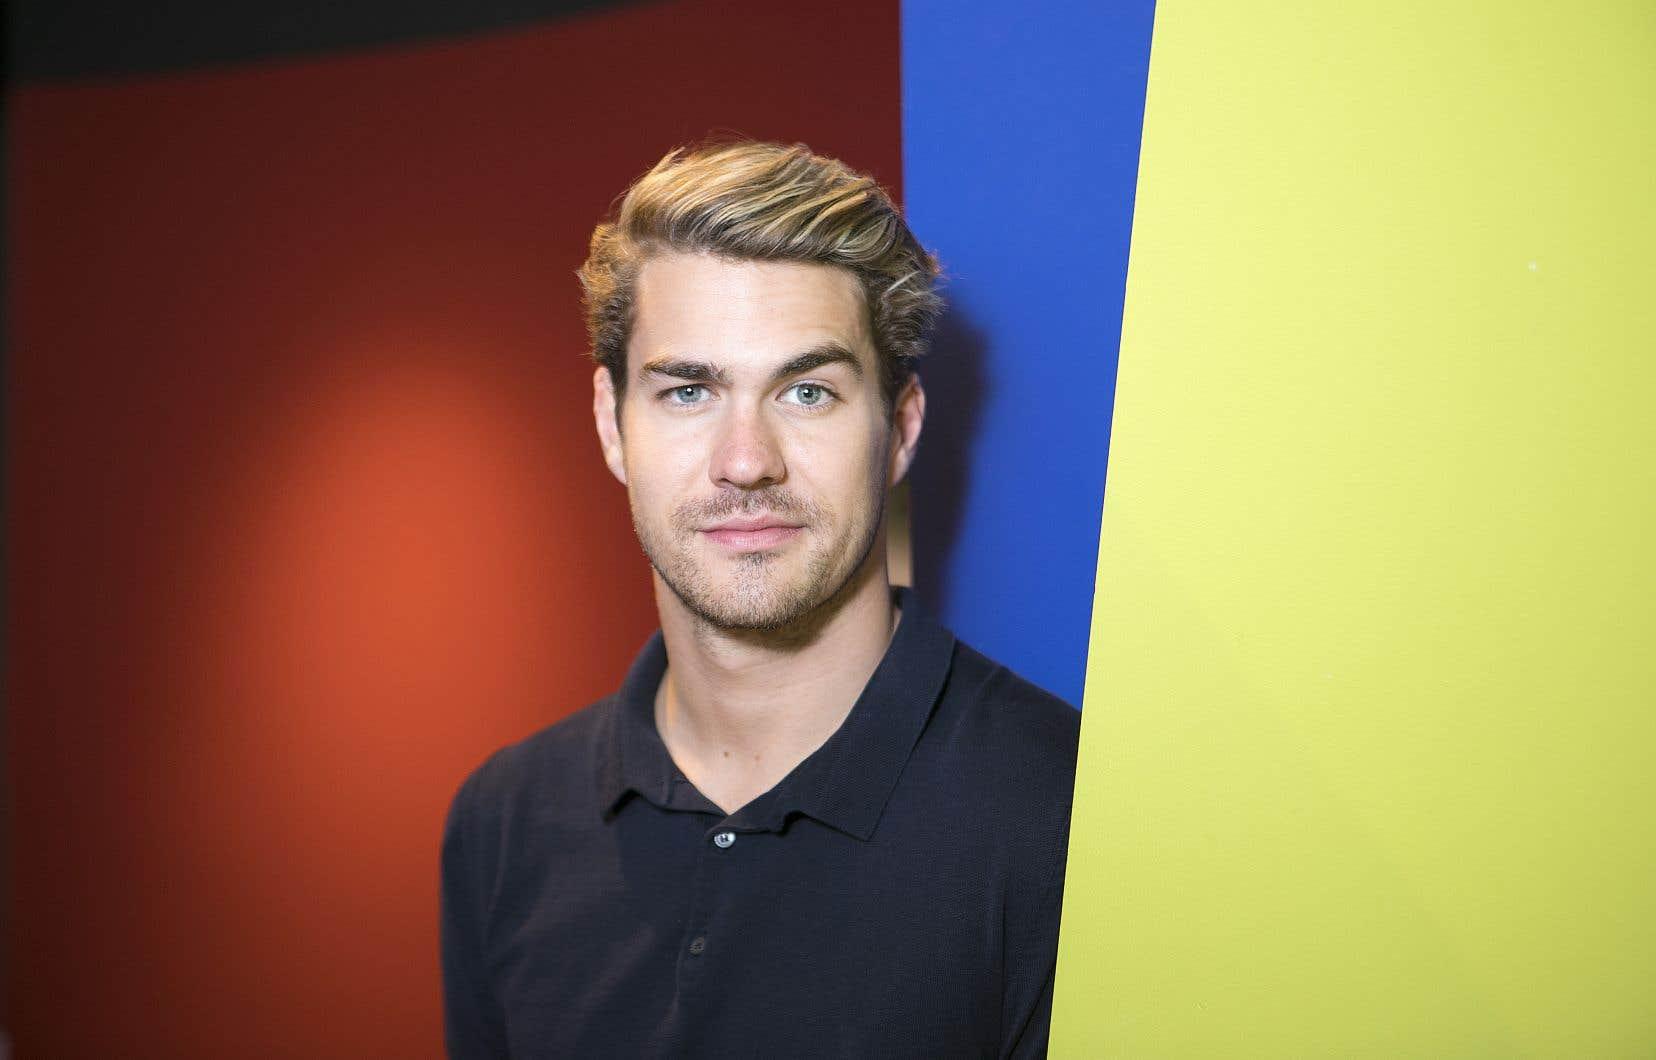 Lauréat de 4 Olivier, l'humoriste Julien Lacroix, 27ans, s'est fait connaître à travers des capsules Web en 2015.